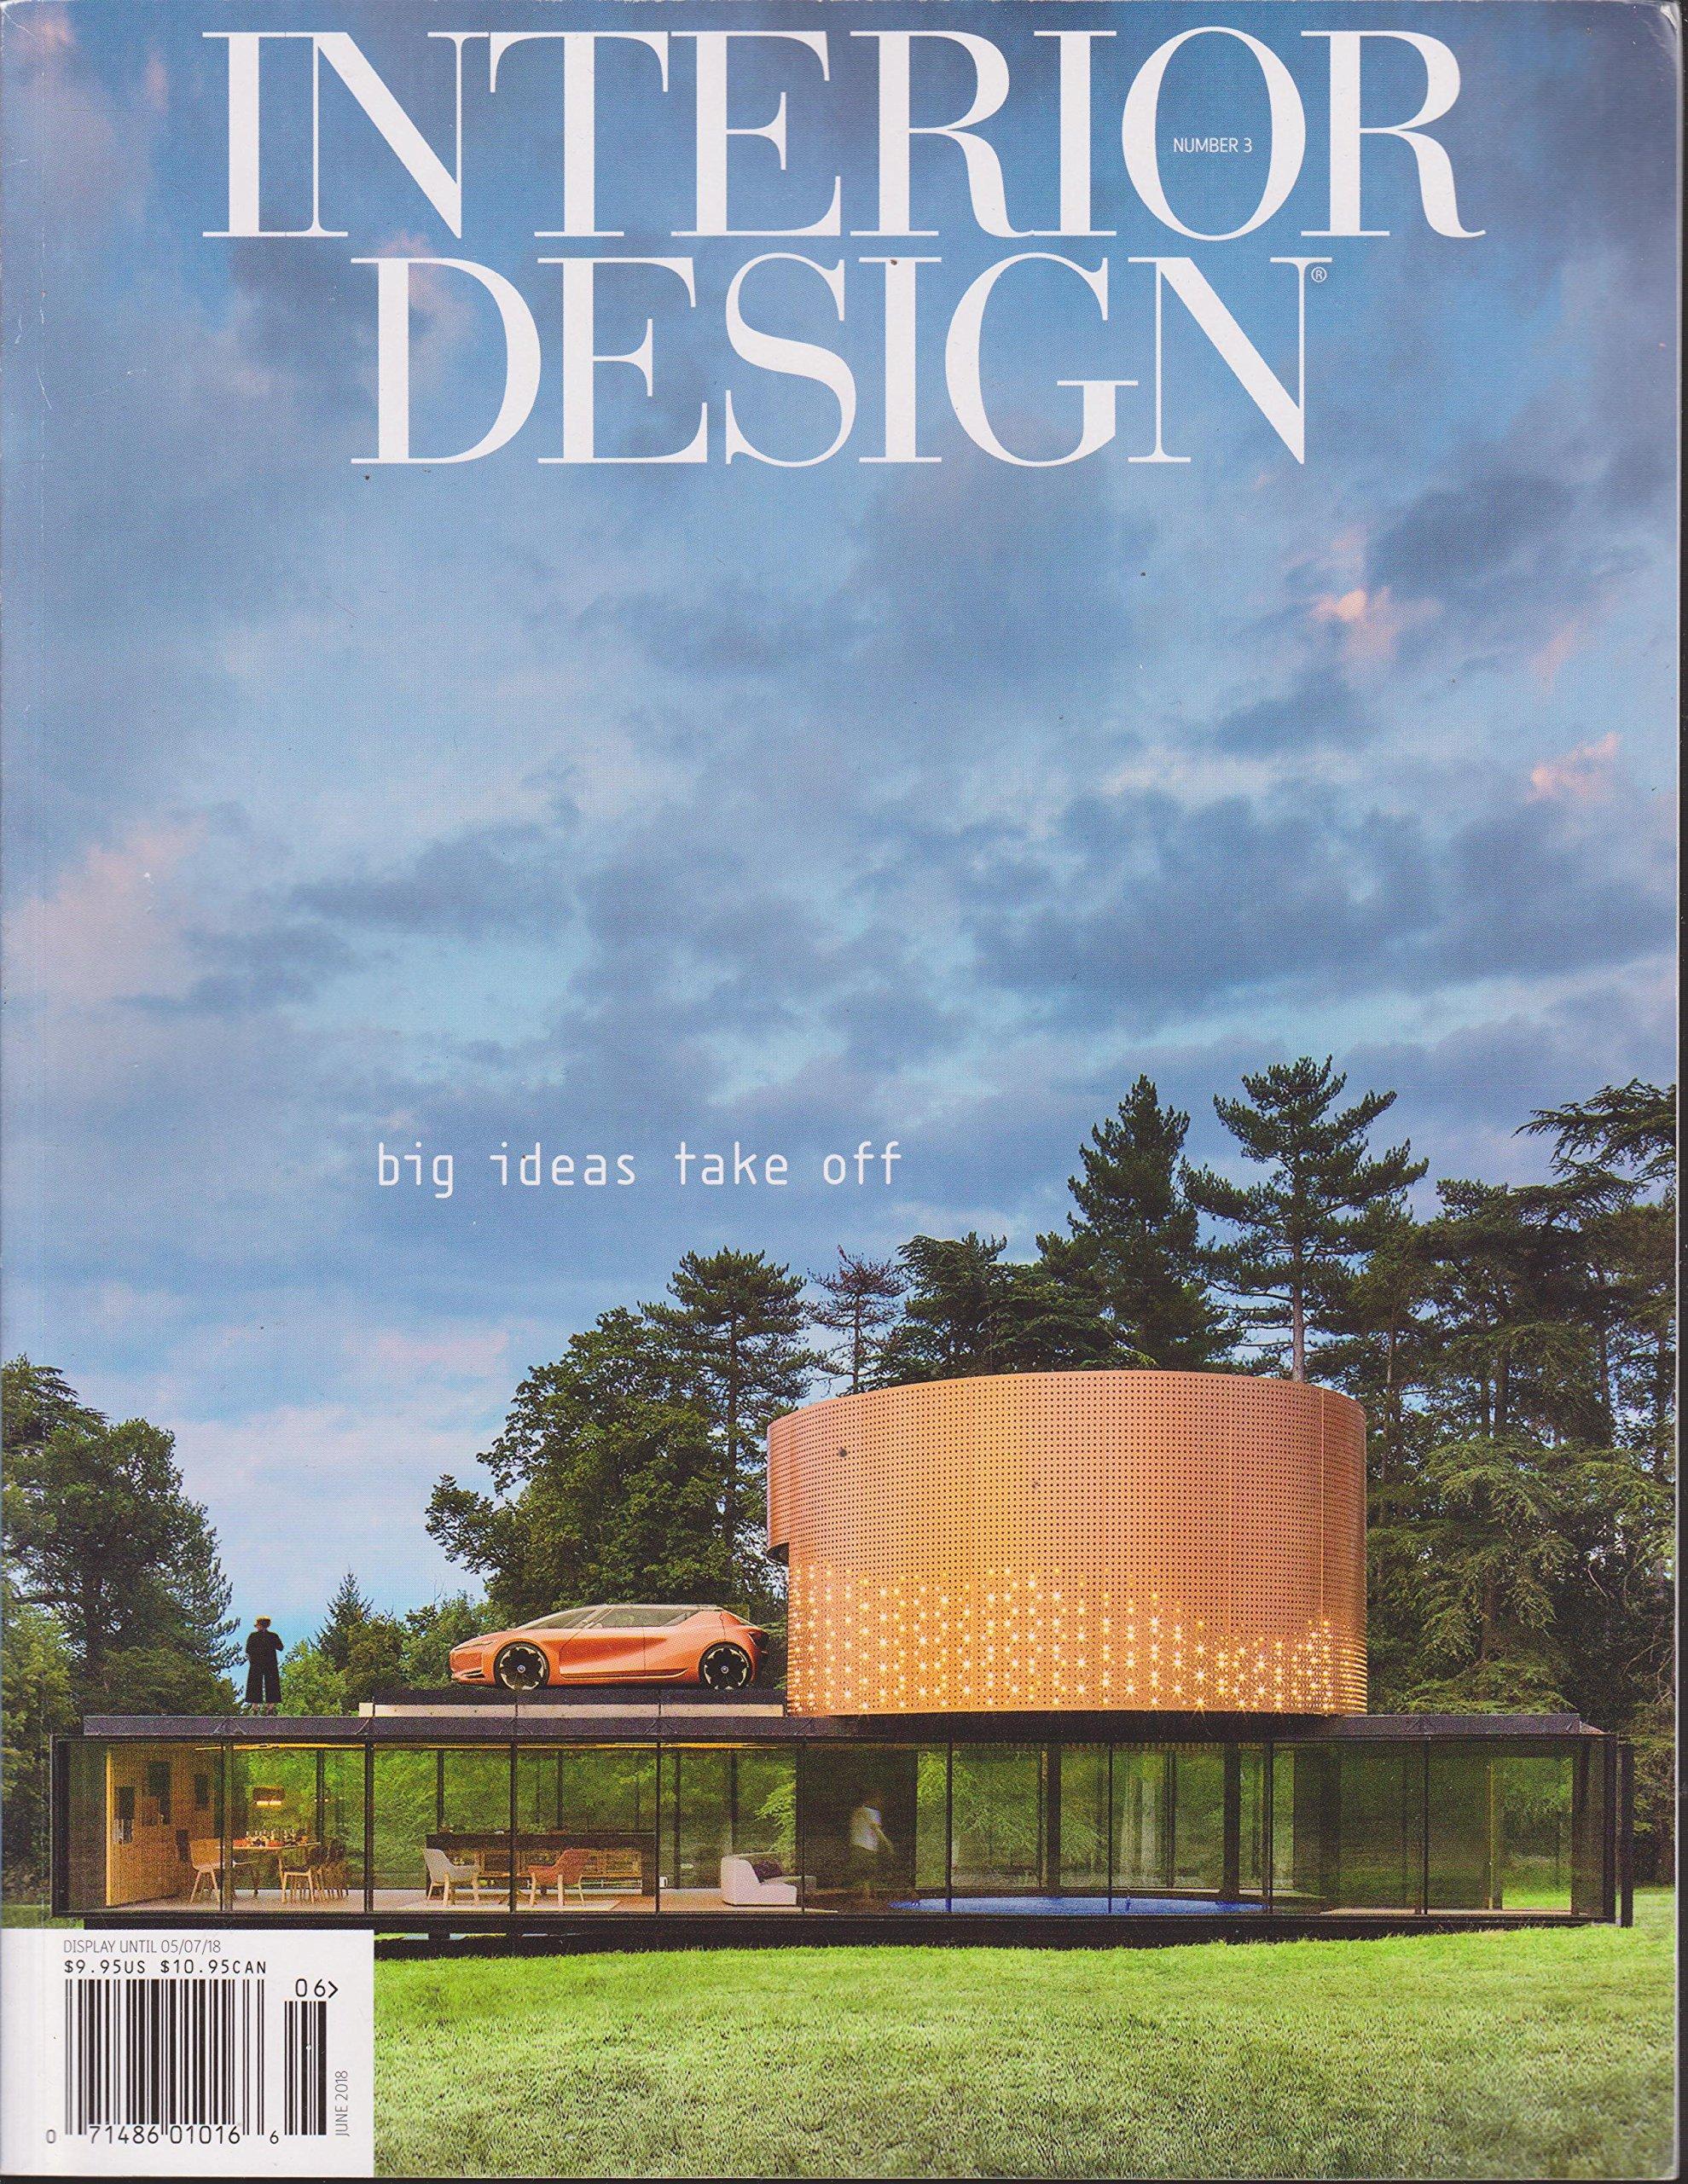 Interior Design Magazine June 2018 Amazon Com Books